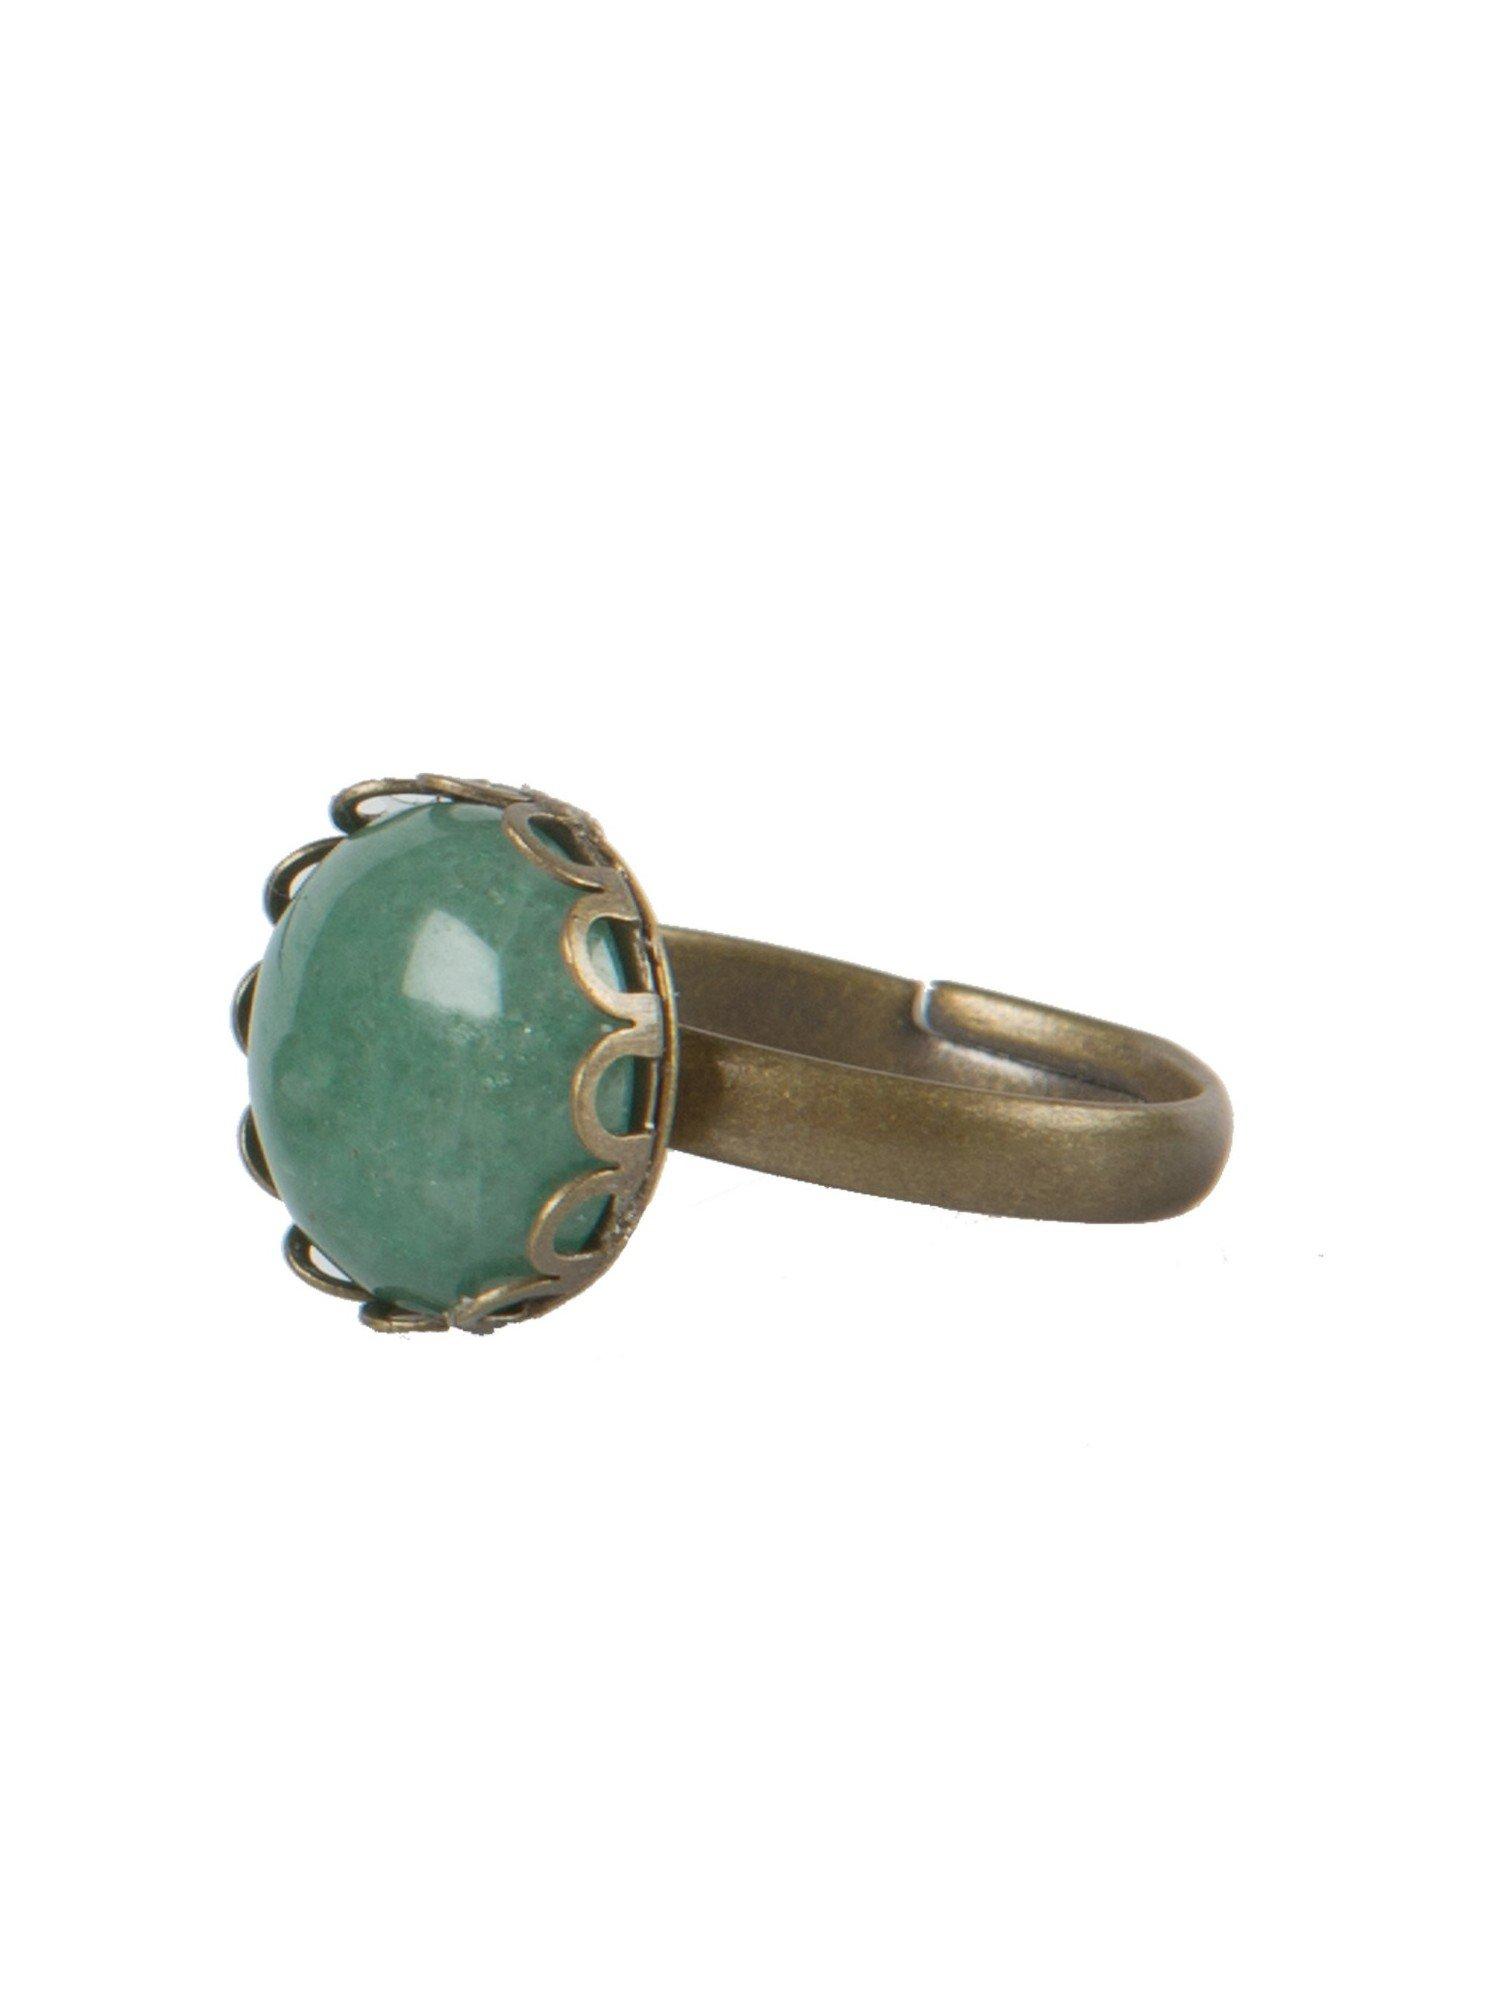 Extreem Bronzen ring met groene steen - Ellen Beekmans @BC95